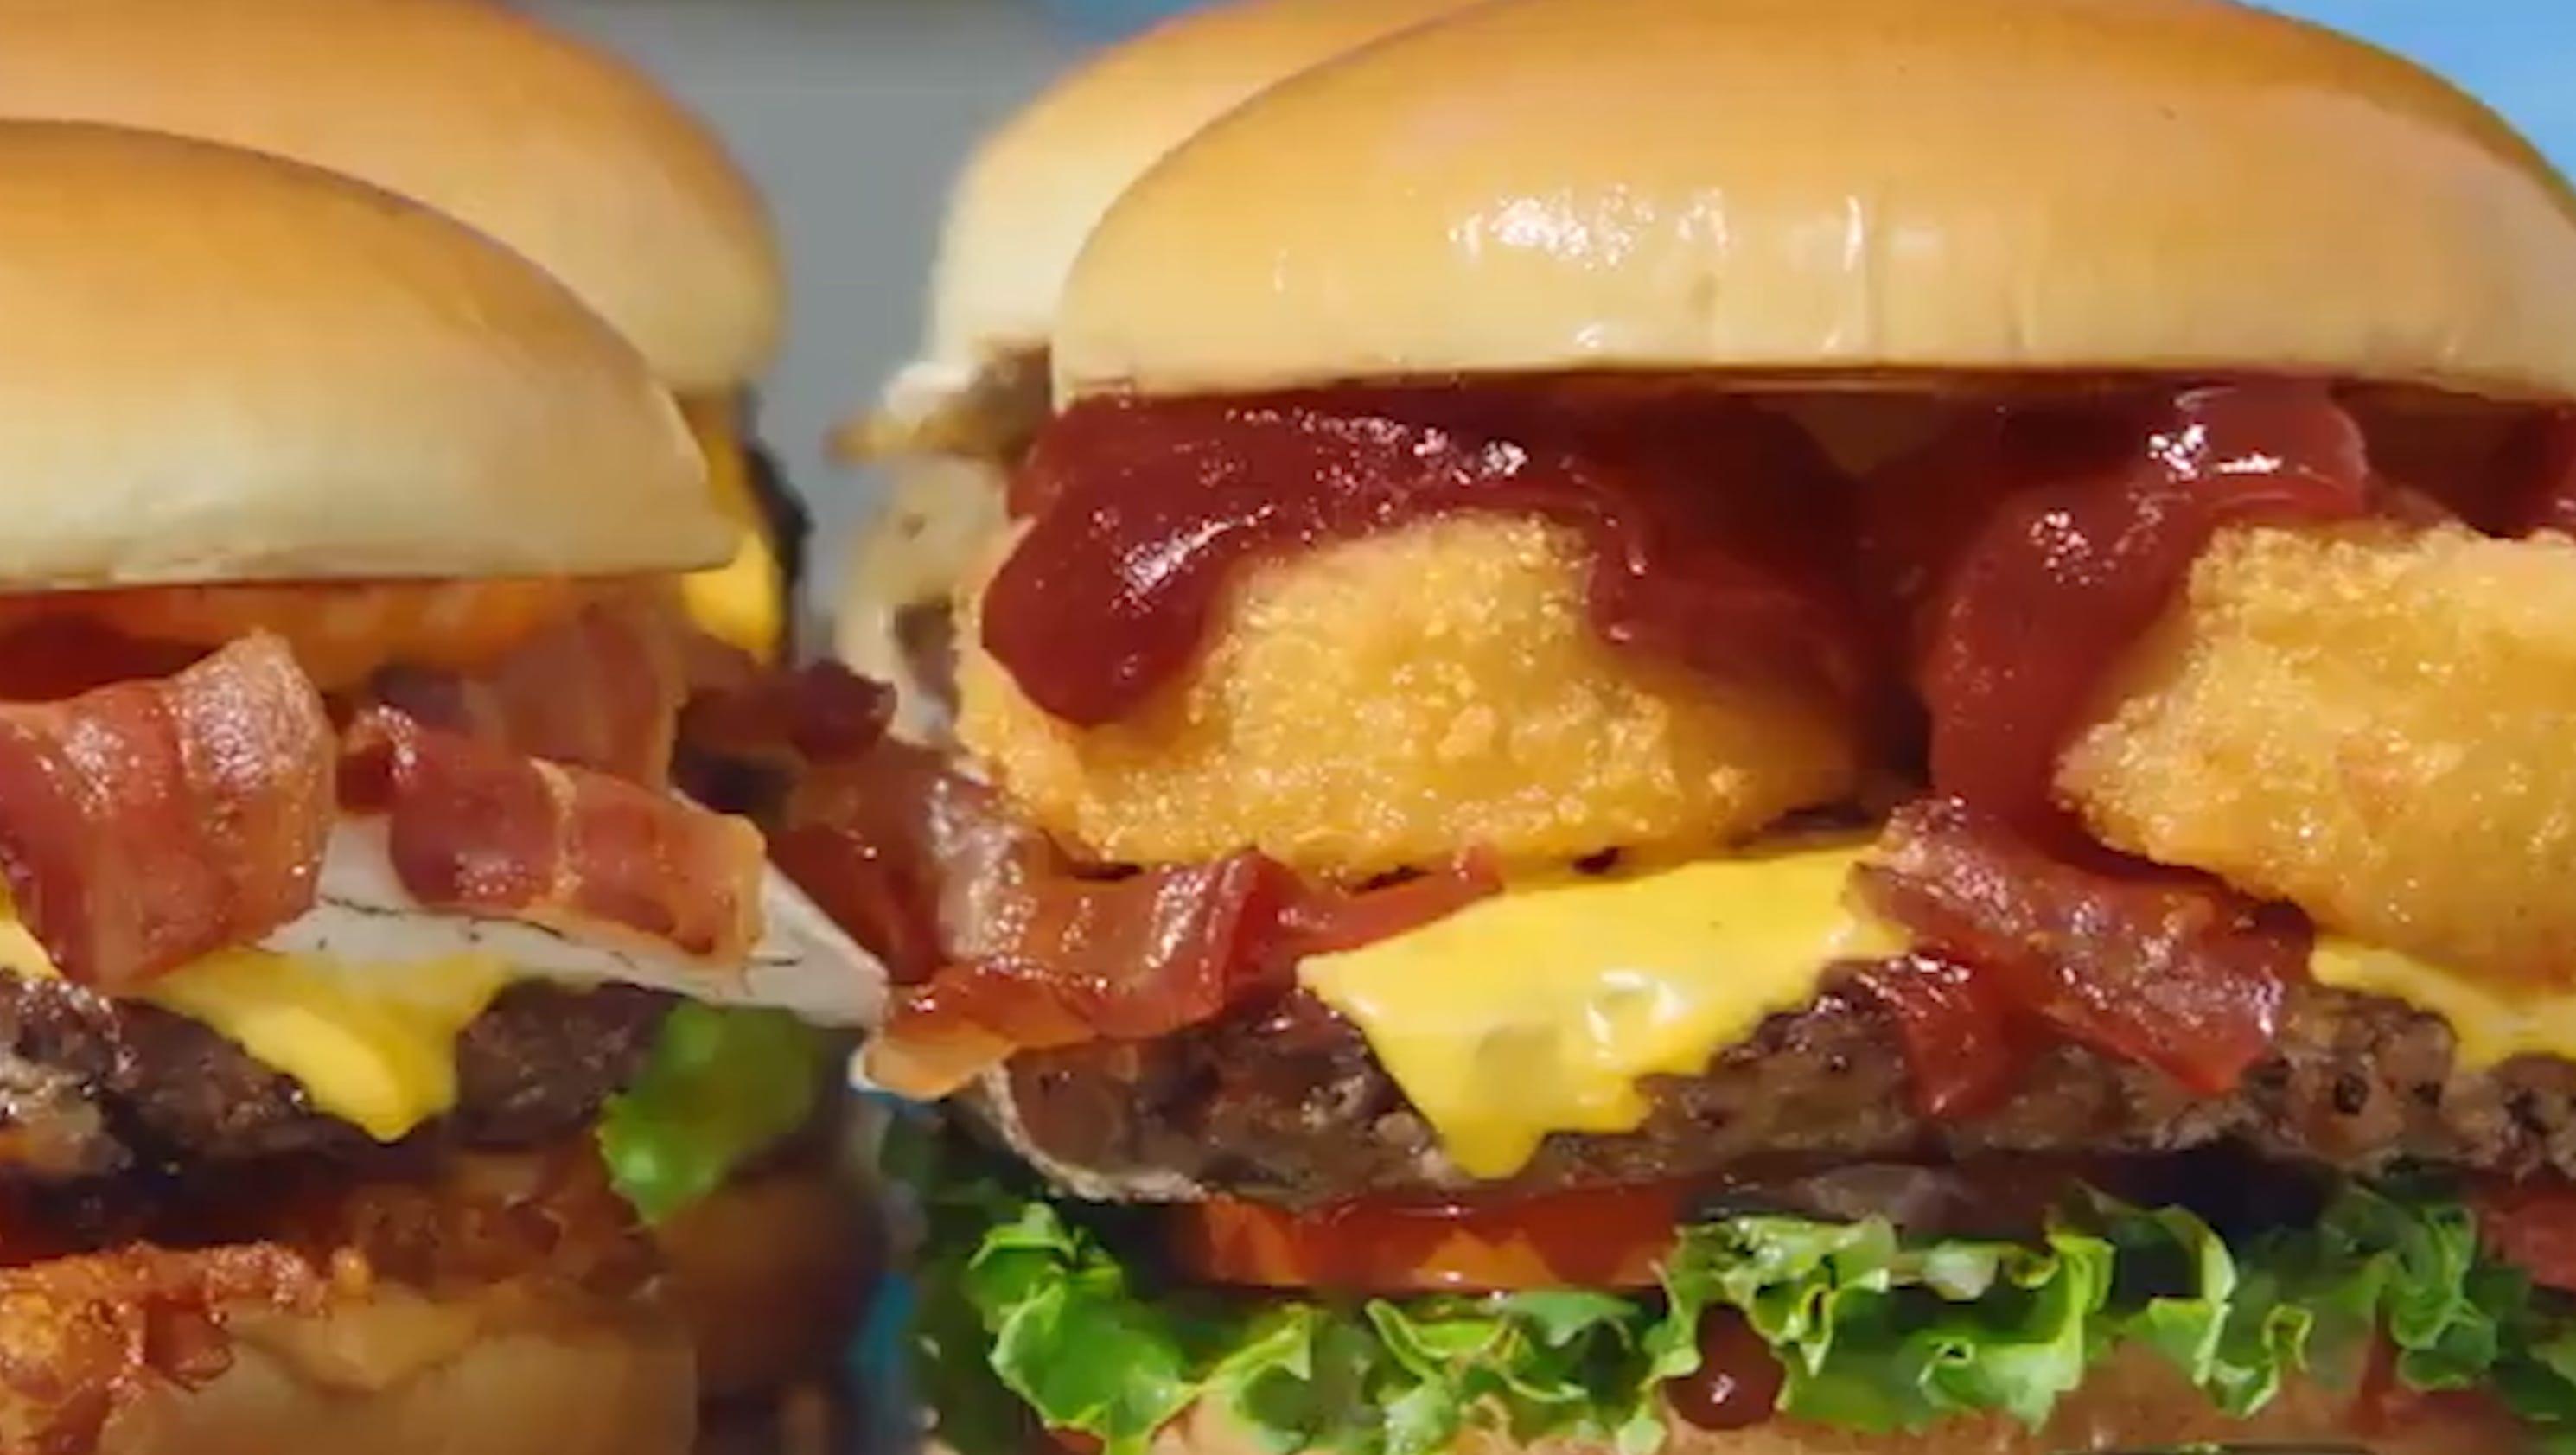 Image result for ihop brunch burgers